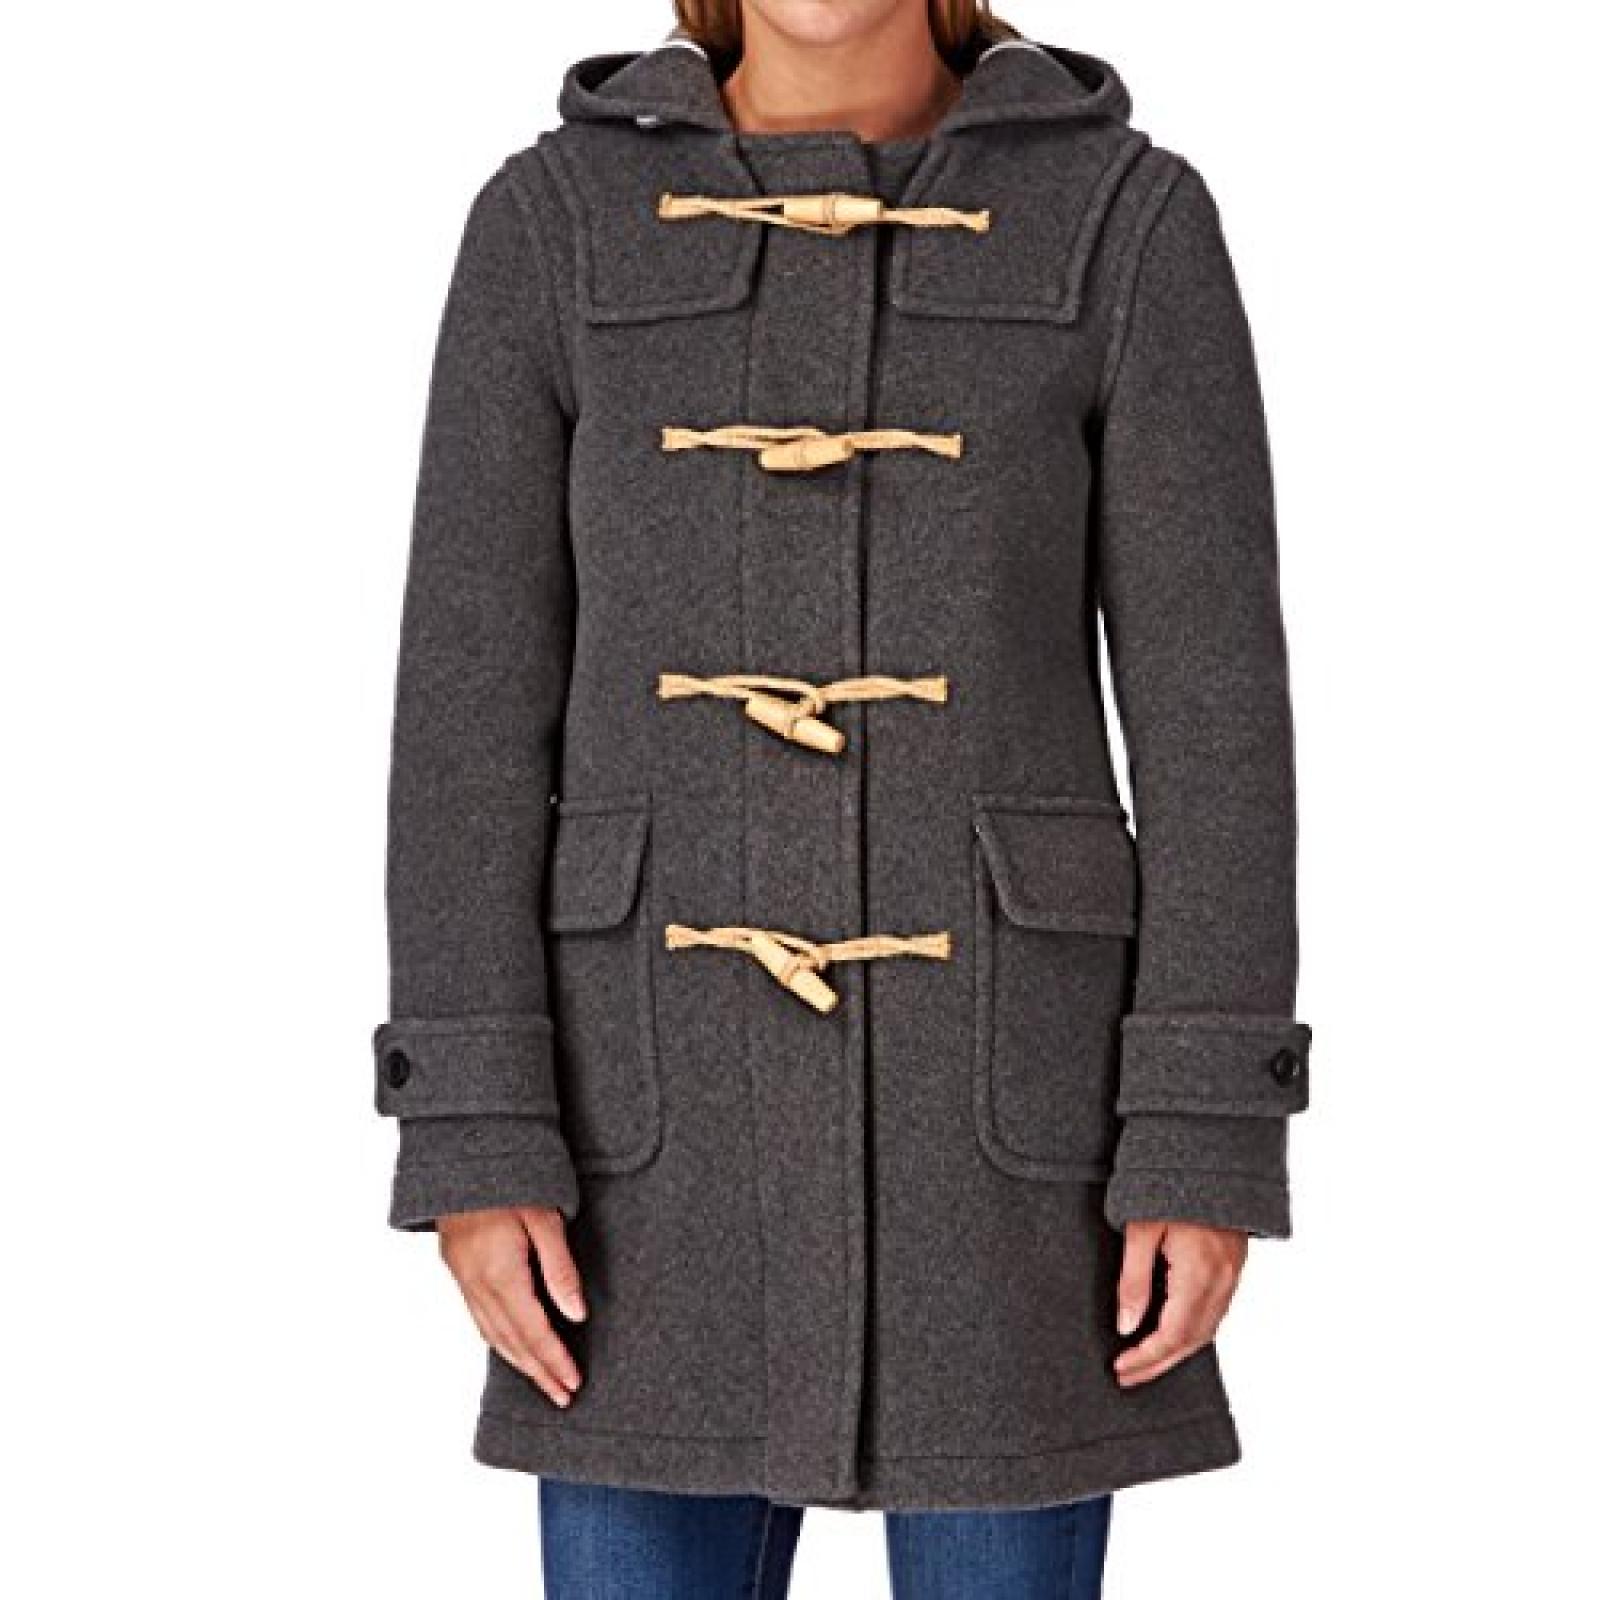 MENIL Cornwall Classic Duffle Jacket - Light Grey